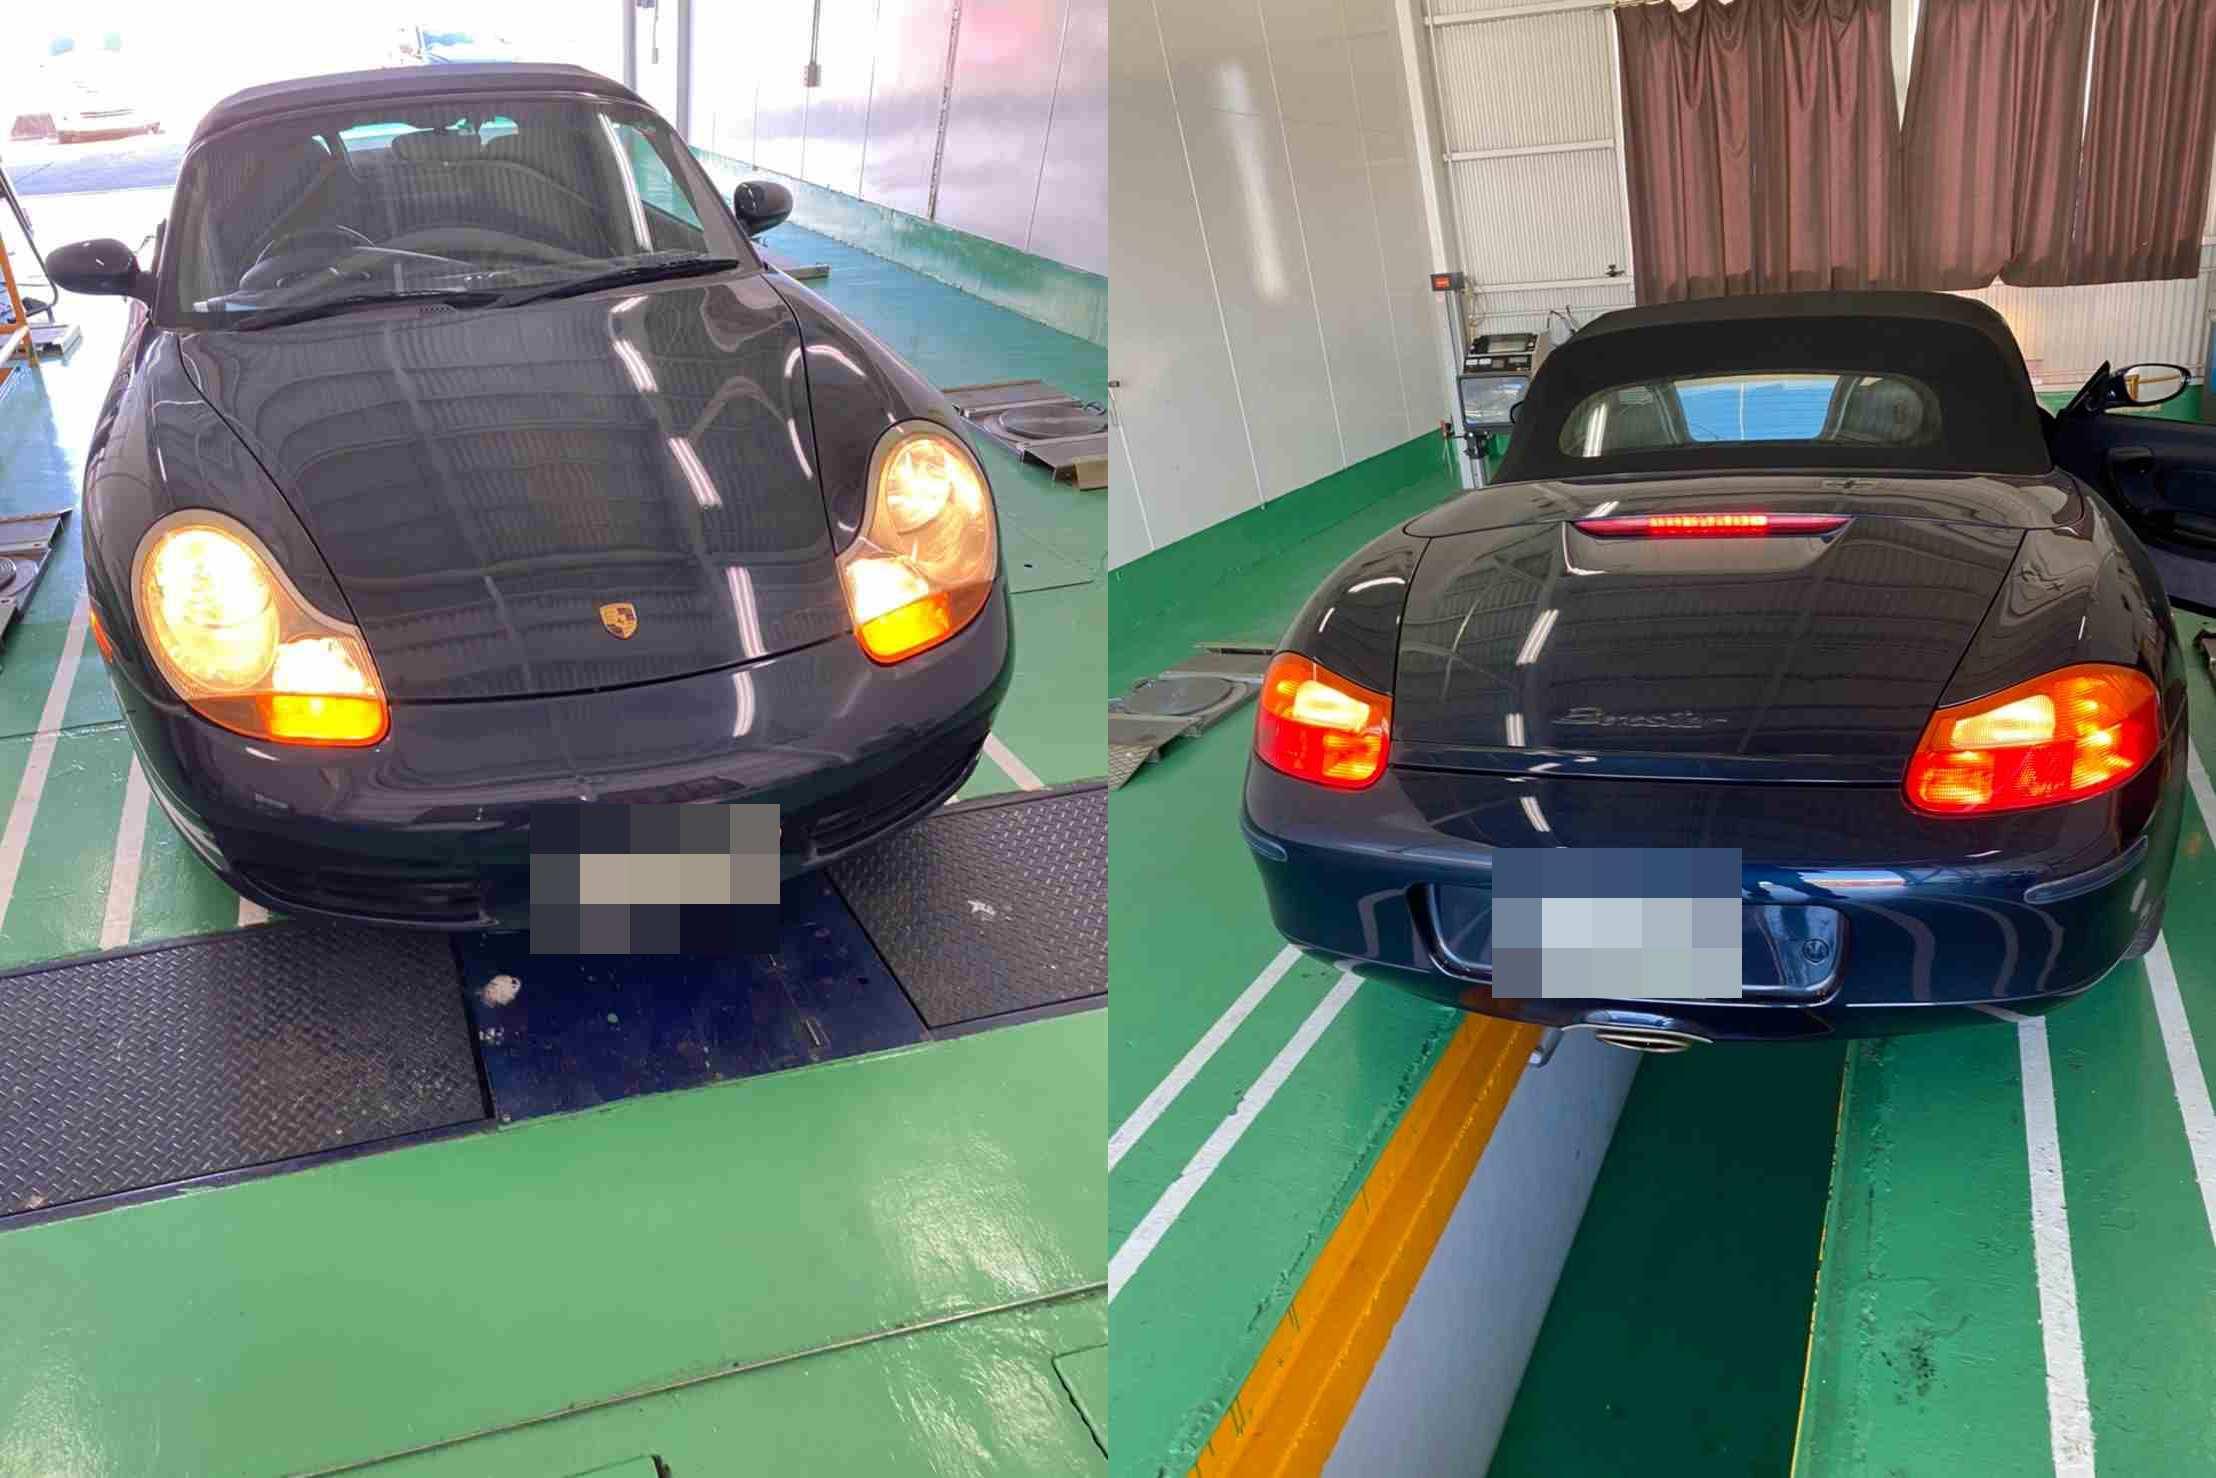 H11 ポルシェ ボクスター 車検(オイル、ベルト、ヘッドライト、エアコン)